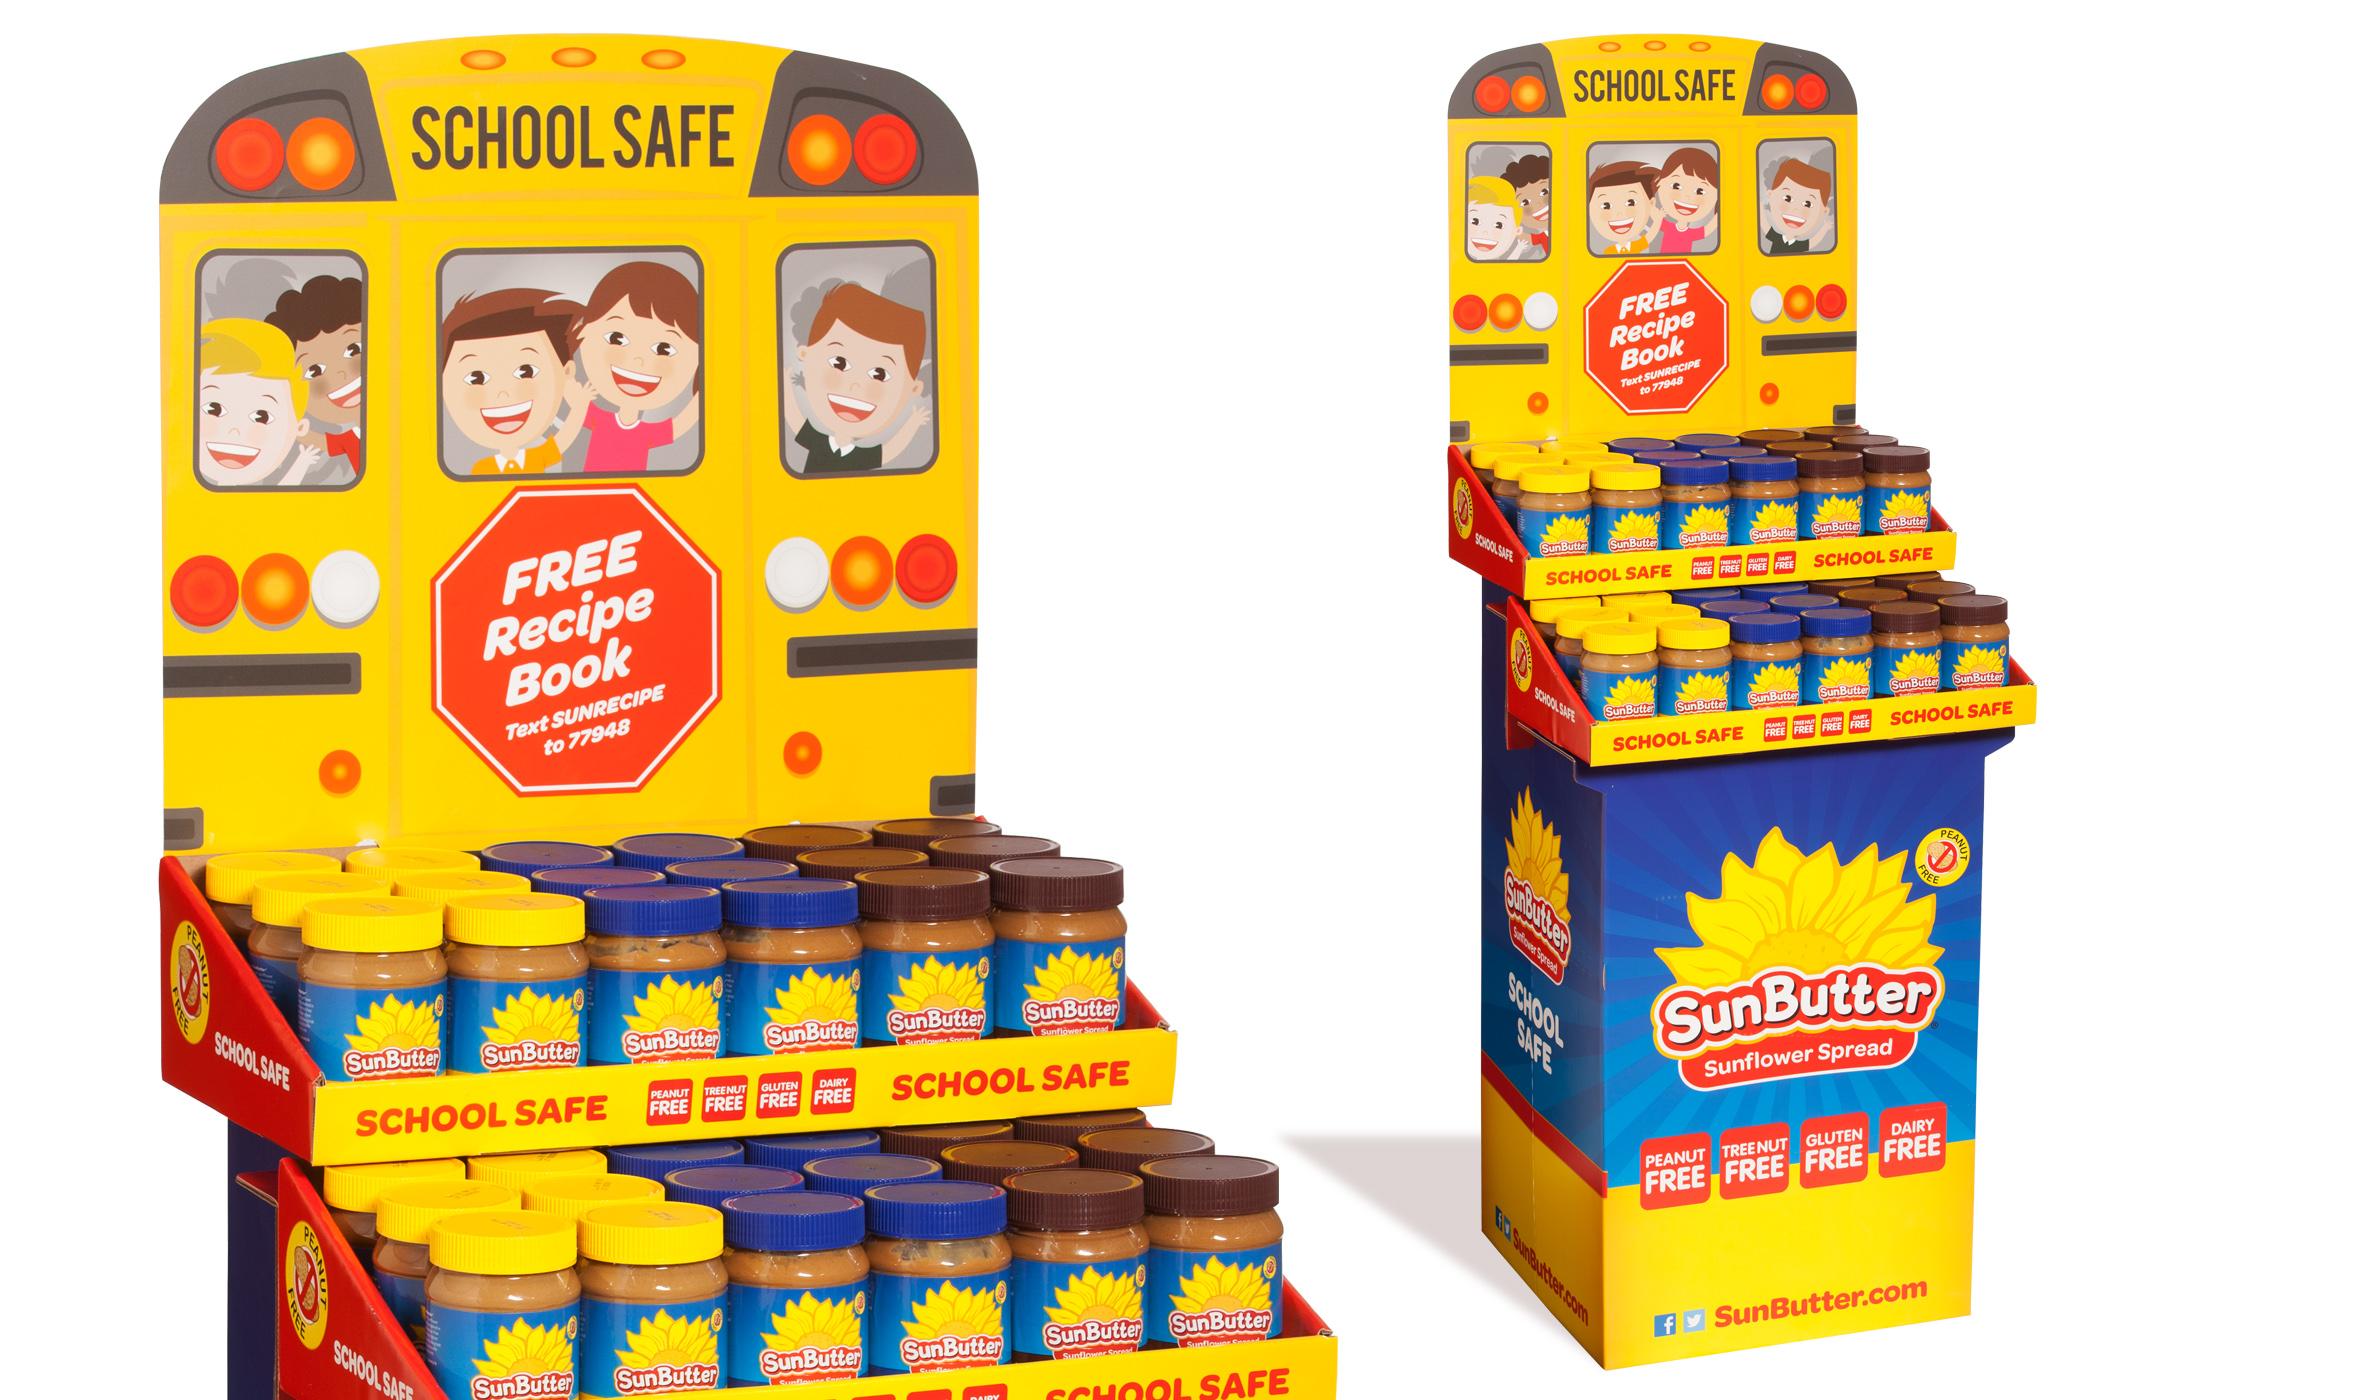 SunButter_SchoolSafeShipper